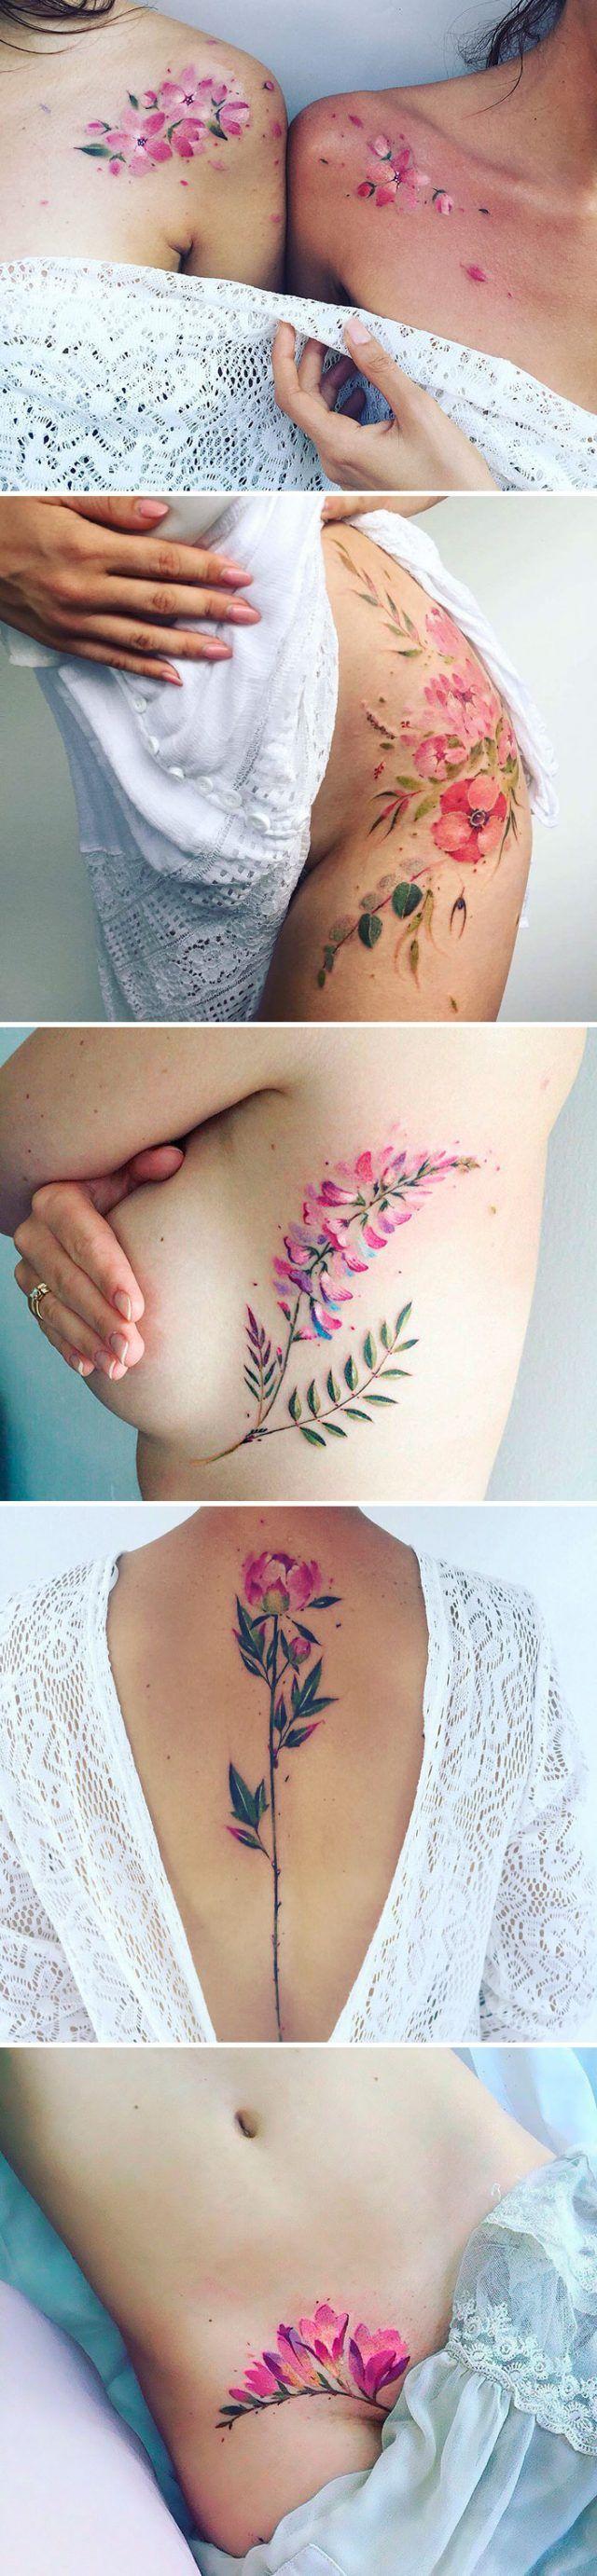 15 tatouages de fleurs qui vous donneront envie de vous faire tatouer | ipnoze